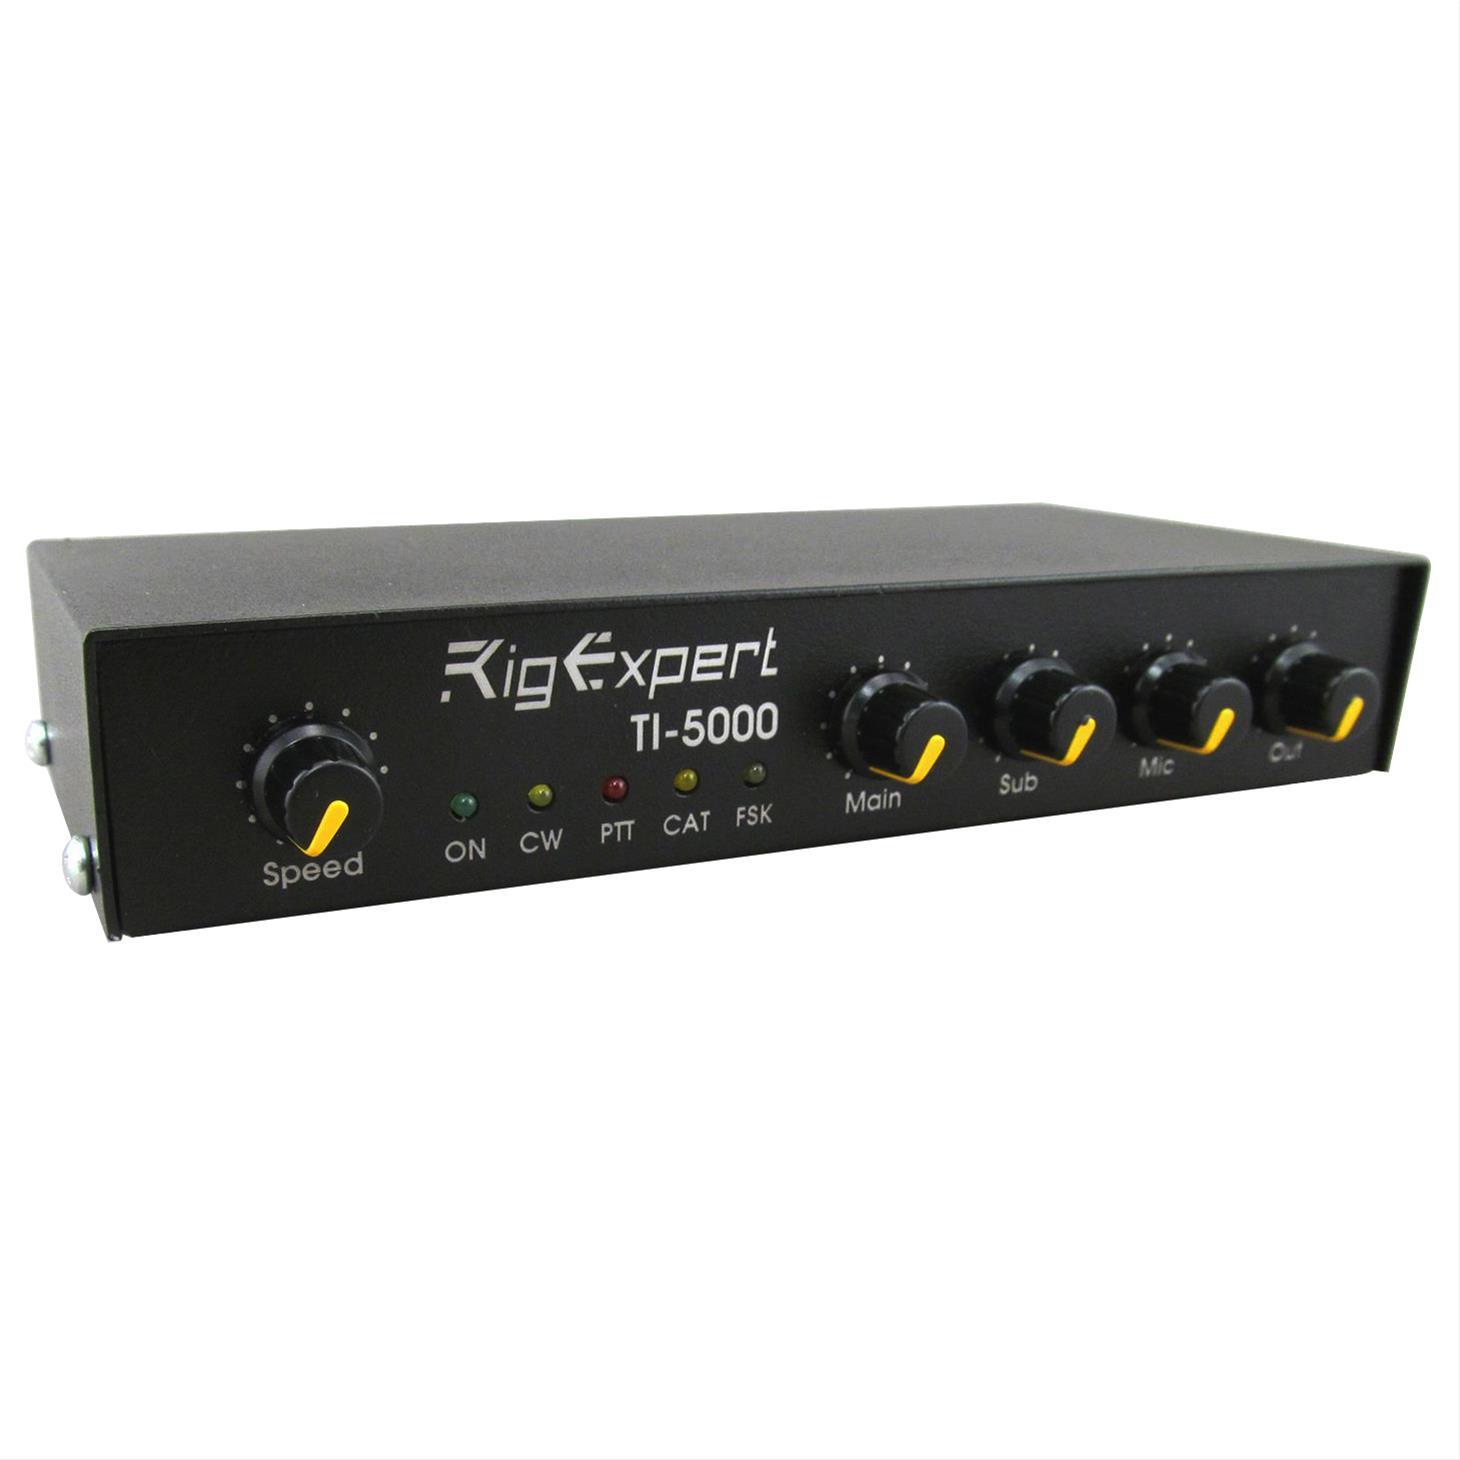 RigExpert TI-5000 Digital Mode and Radio Control Interface TI-5000